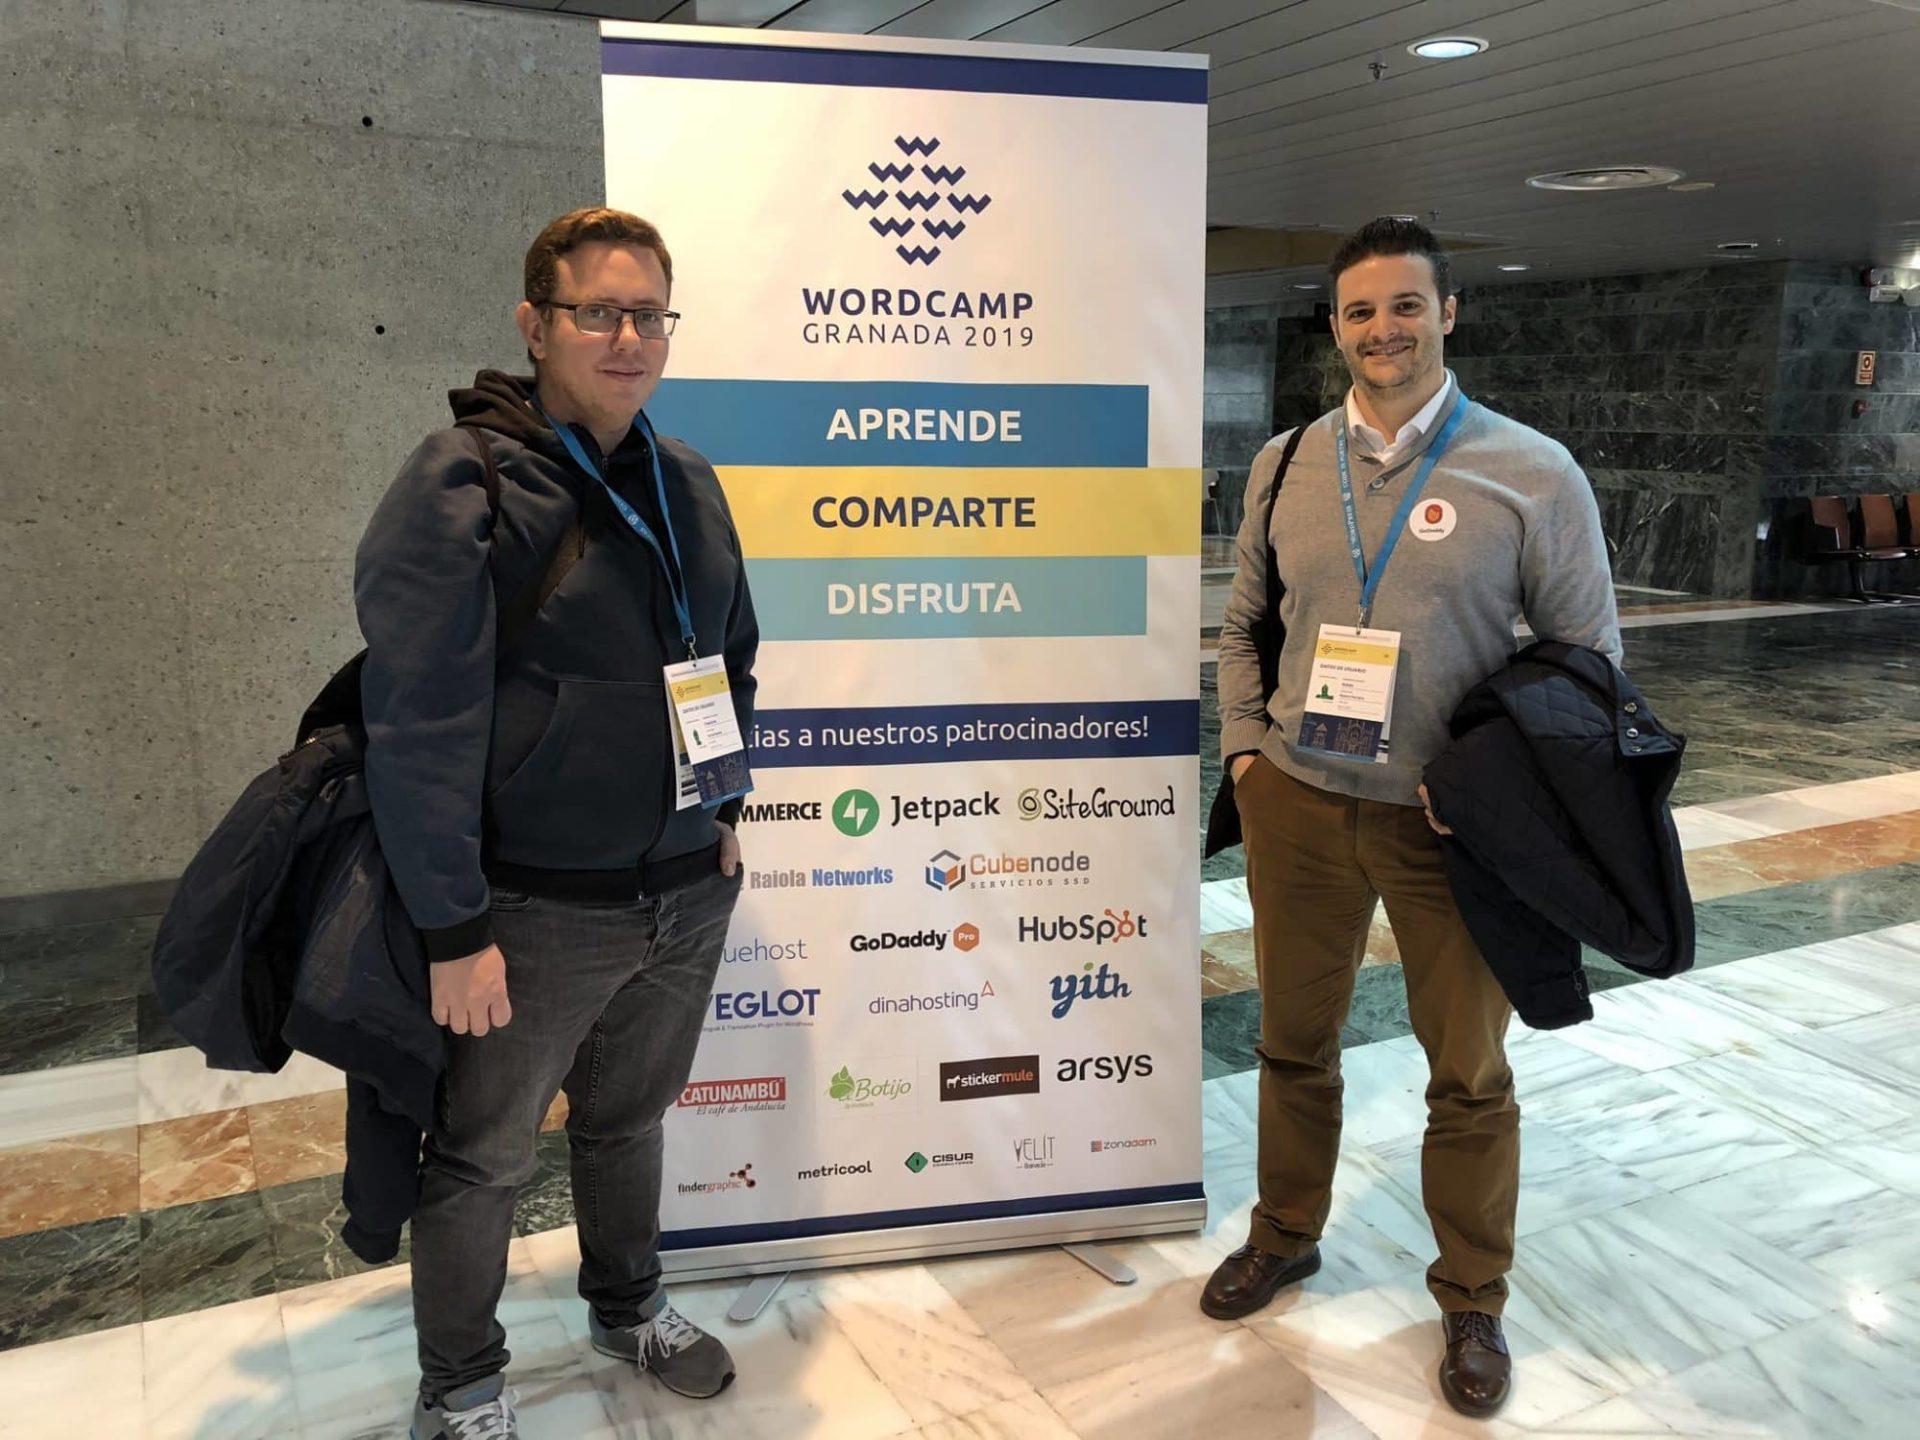 WordCamp 2019, conociendo a la comunidad de WordPress